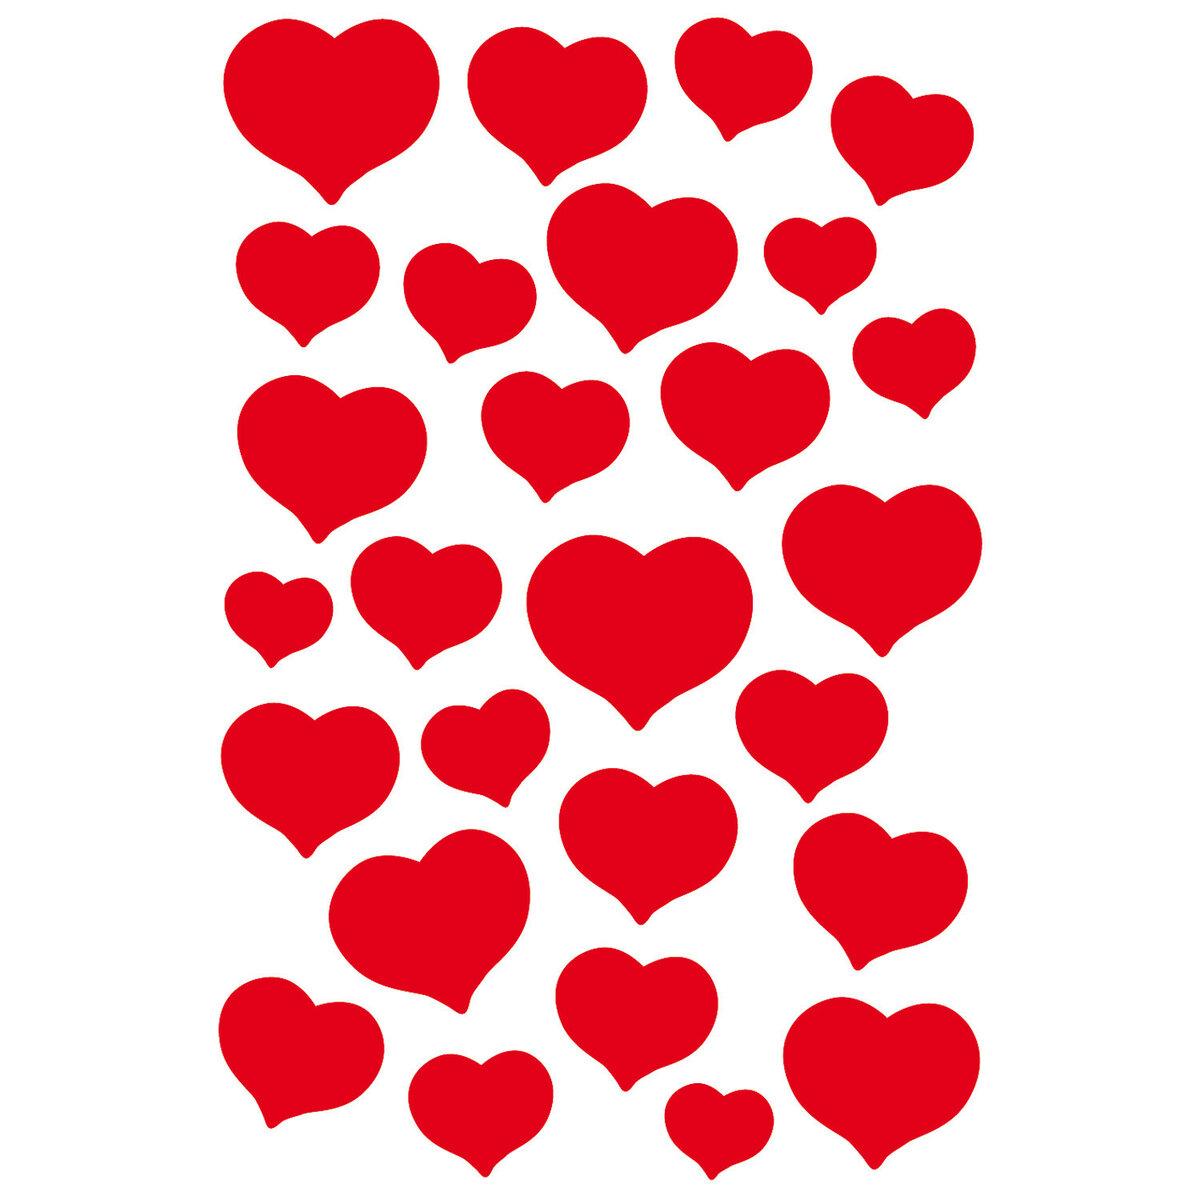 Делать картинку, картинка с сердечками на а4